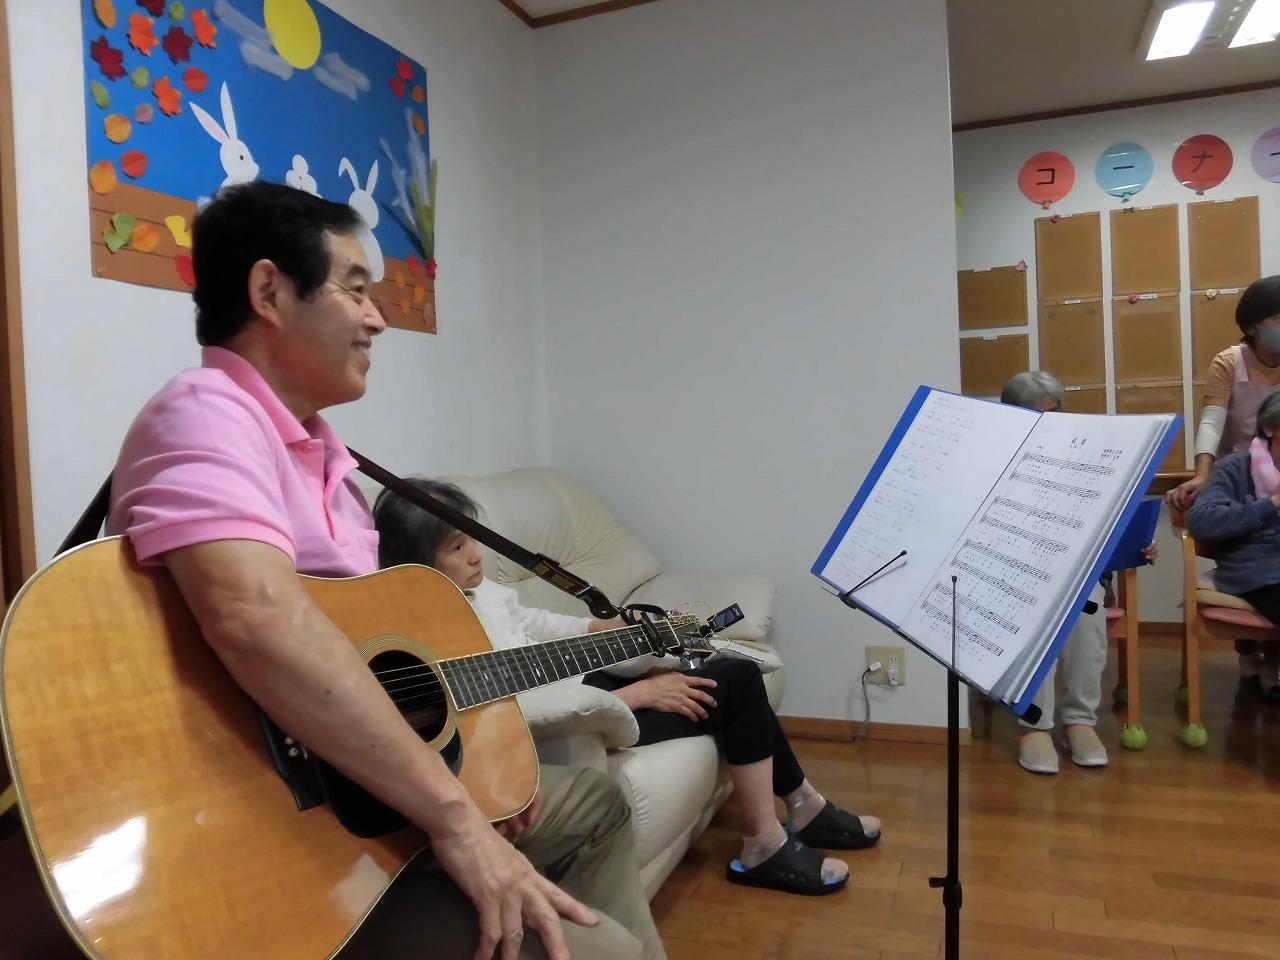 職員によるギター演奏会【グループホームエレクト】